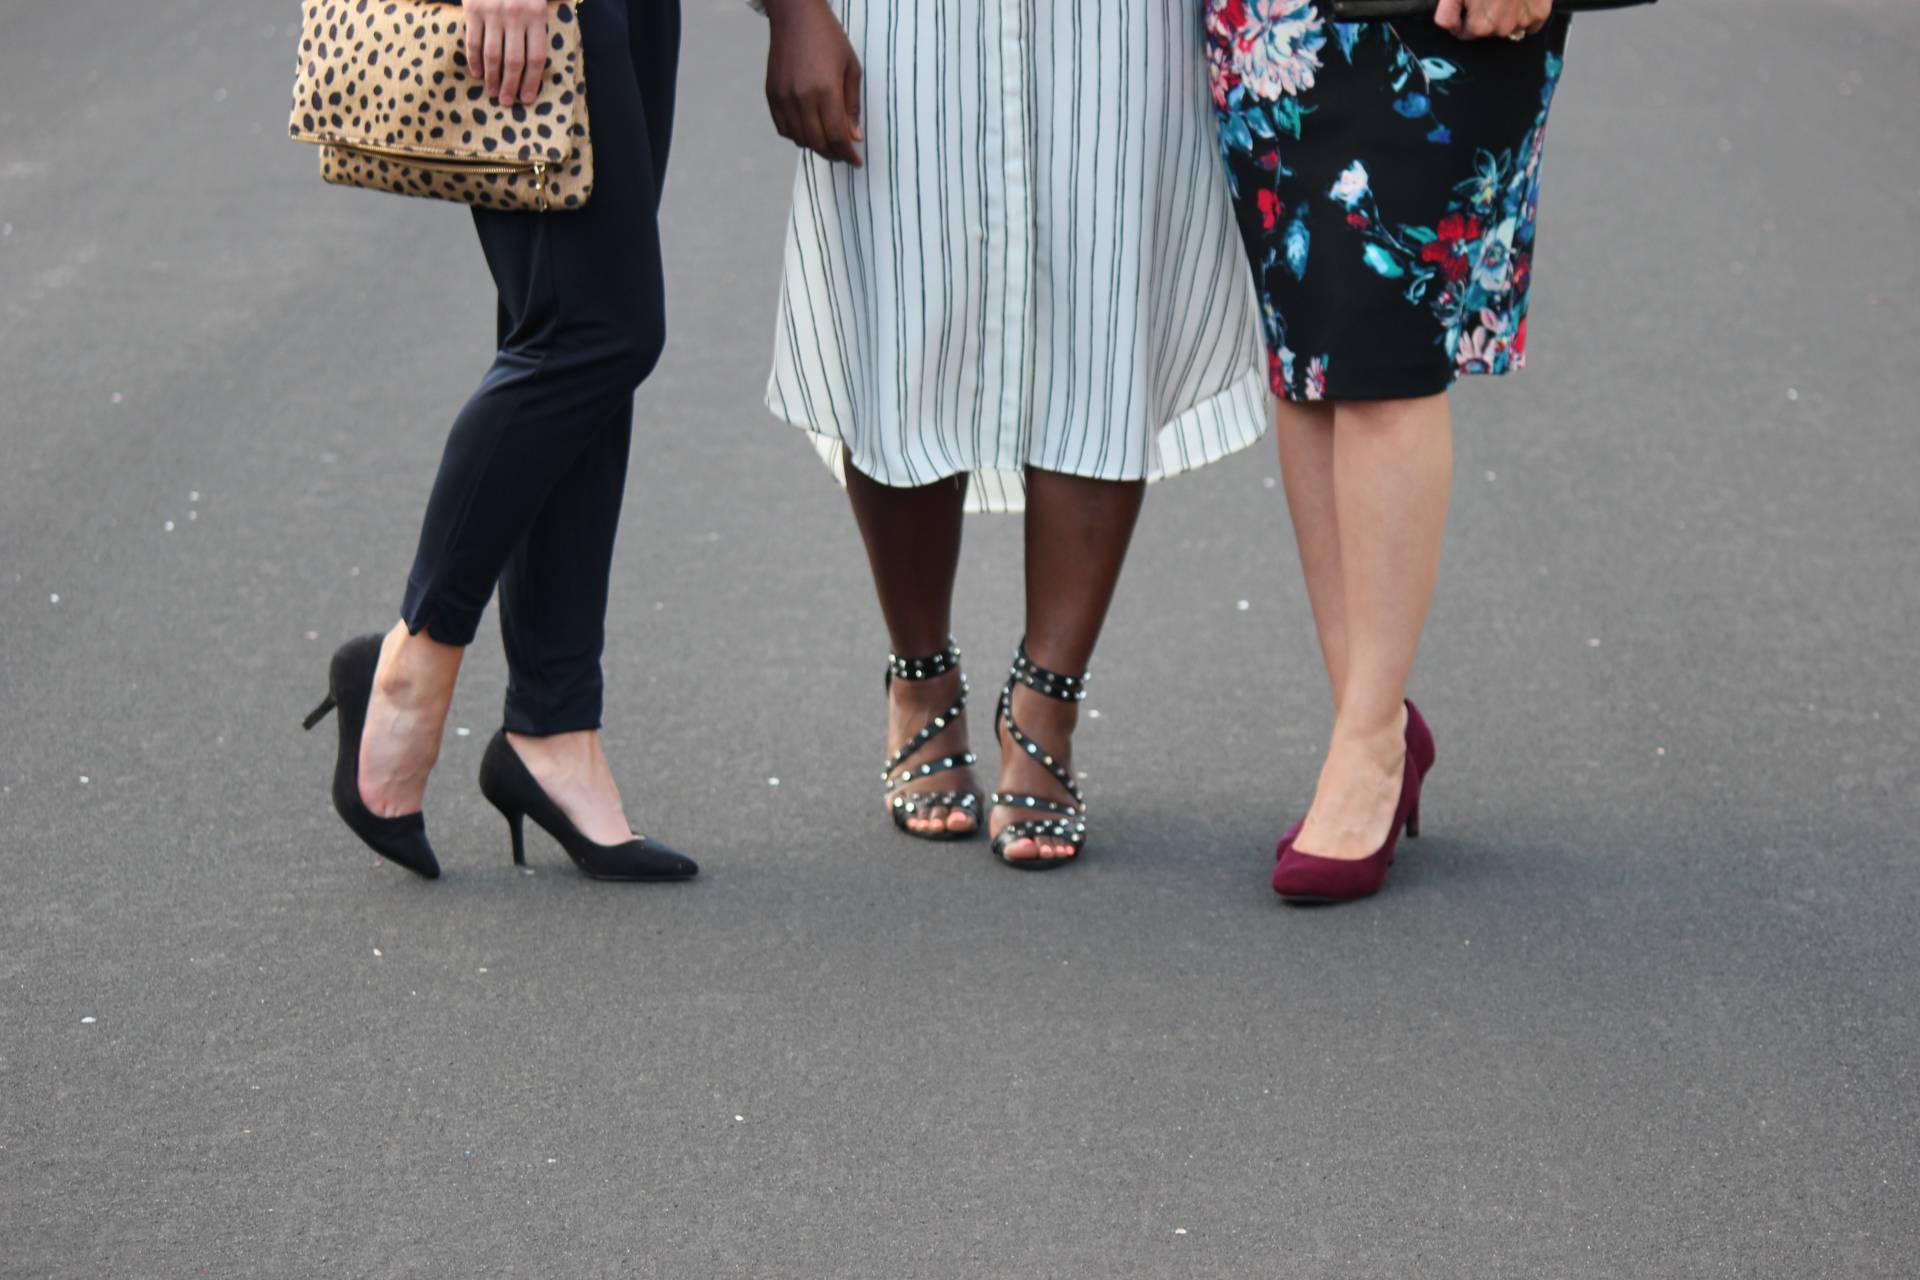 sacramento-fashion-week-shoe game